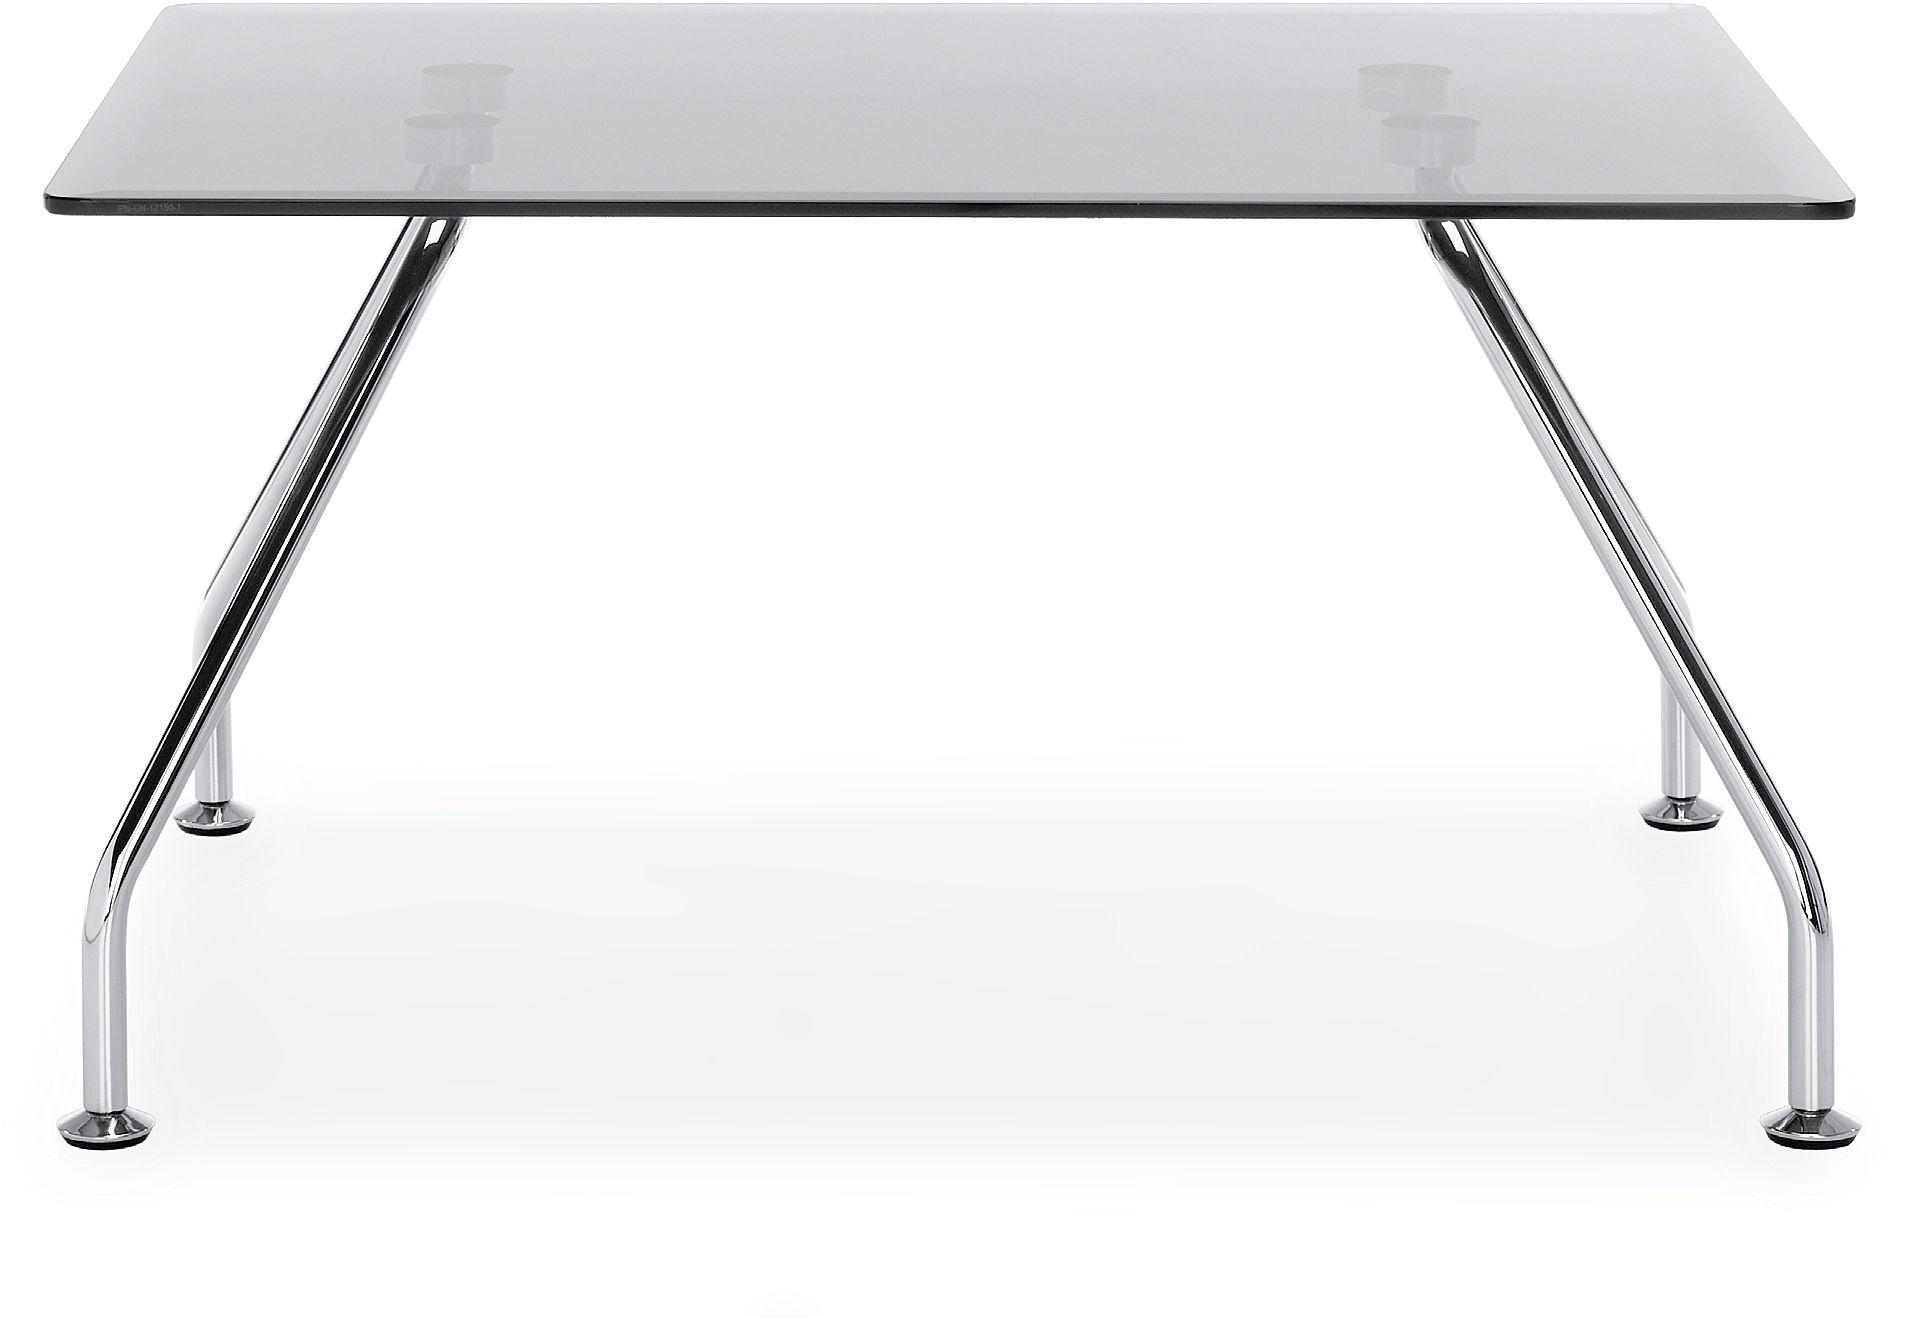 NOWY STYL stół Mody 50x70